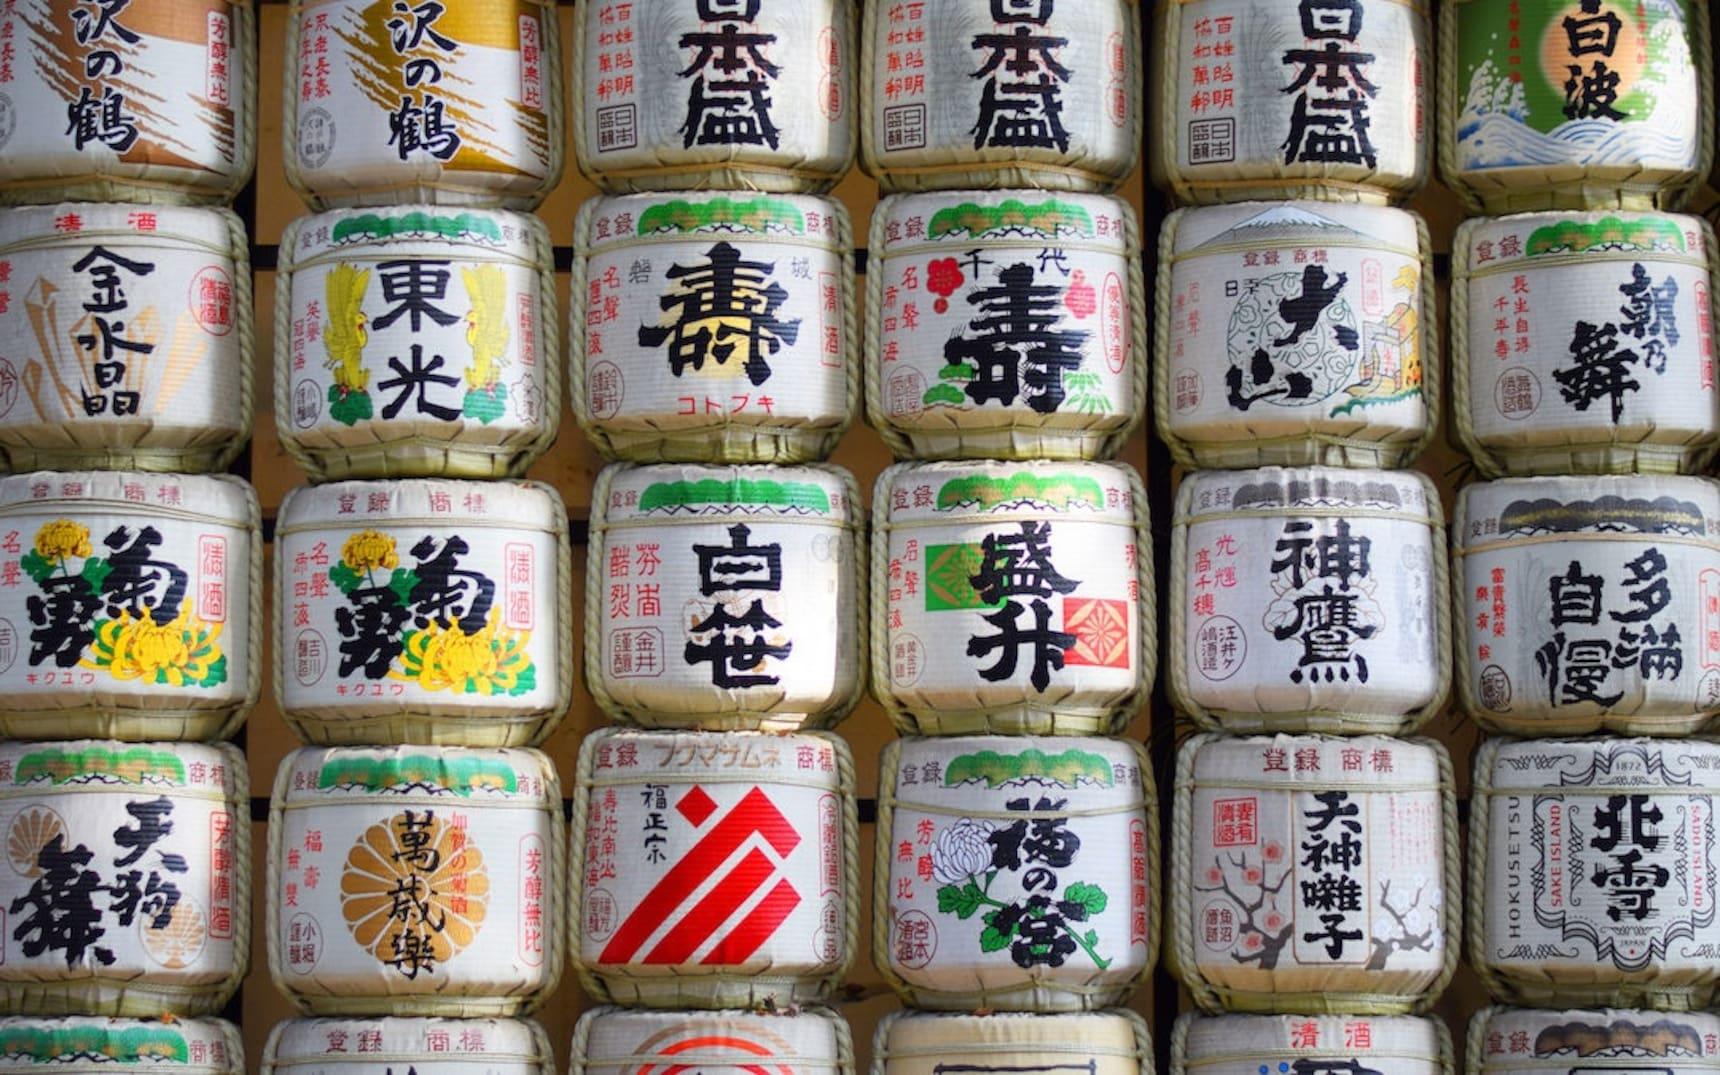 일본 전통술 니혼슈에 관한 모든 것